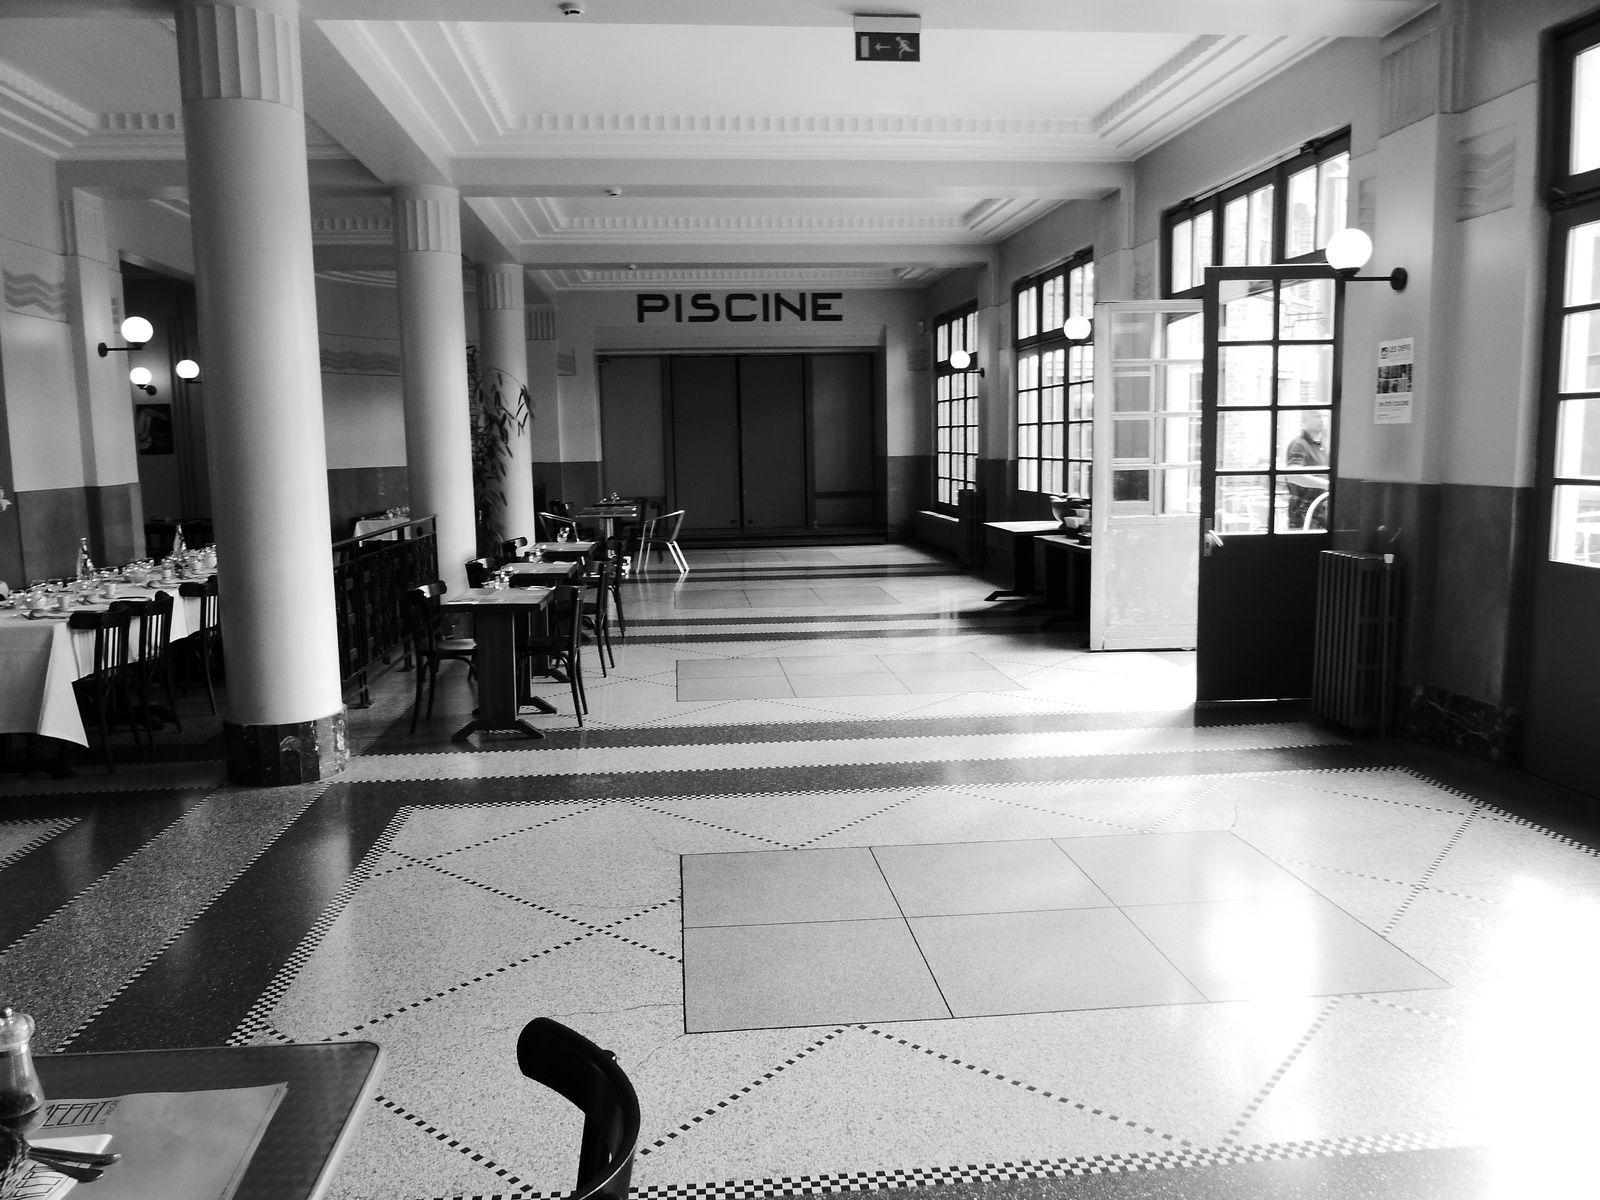 Merci à Marianne,Nicole et Catherine d'être venues avec moi plonger dans ce lieu merveilleux des arts....la dernière photo nous témoigne de l'endroit avant qu'il ne fut cet exceptionnel musée à ROUBAIX.